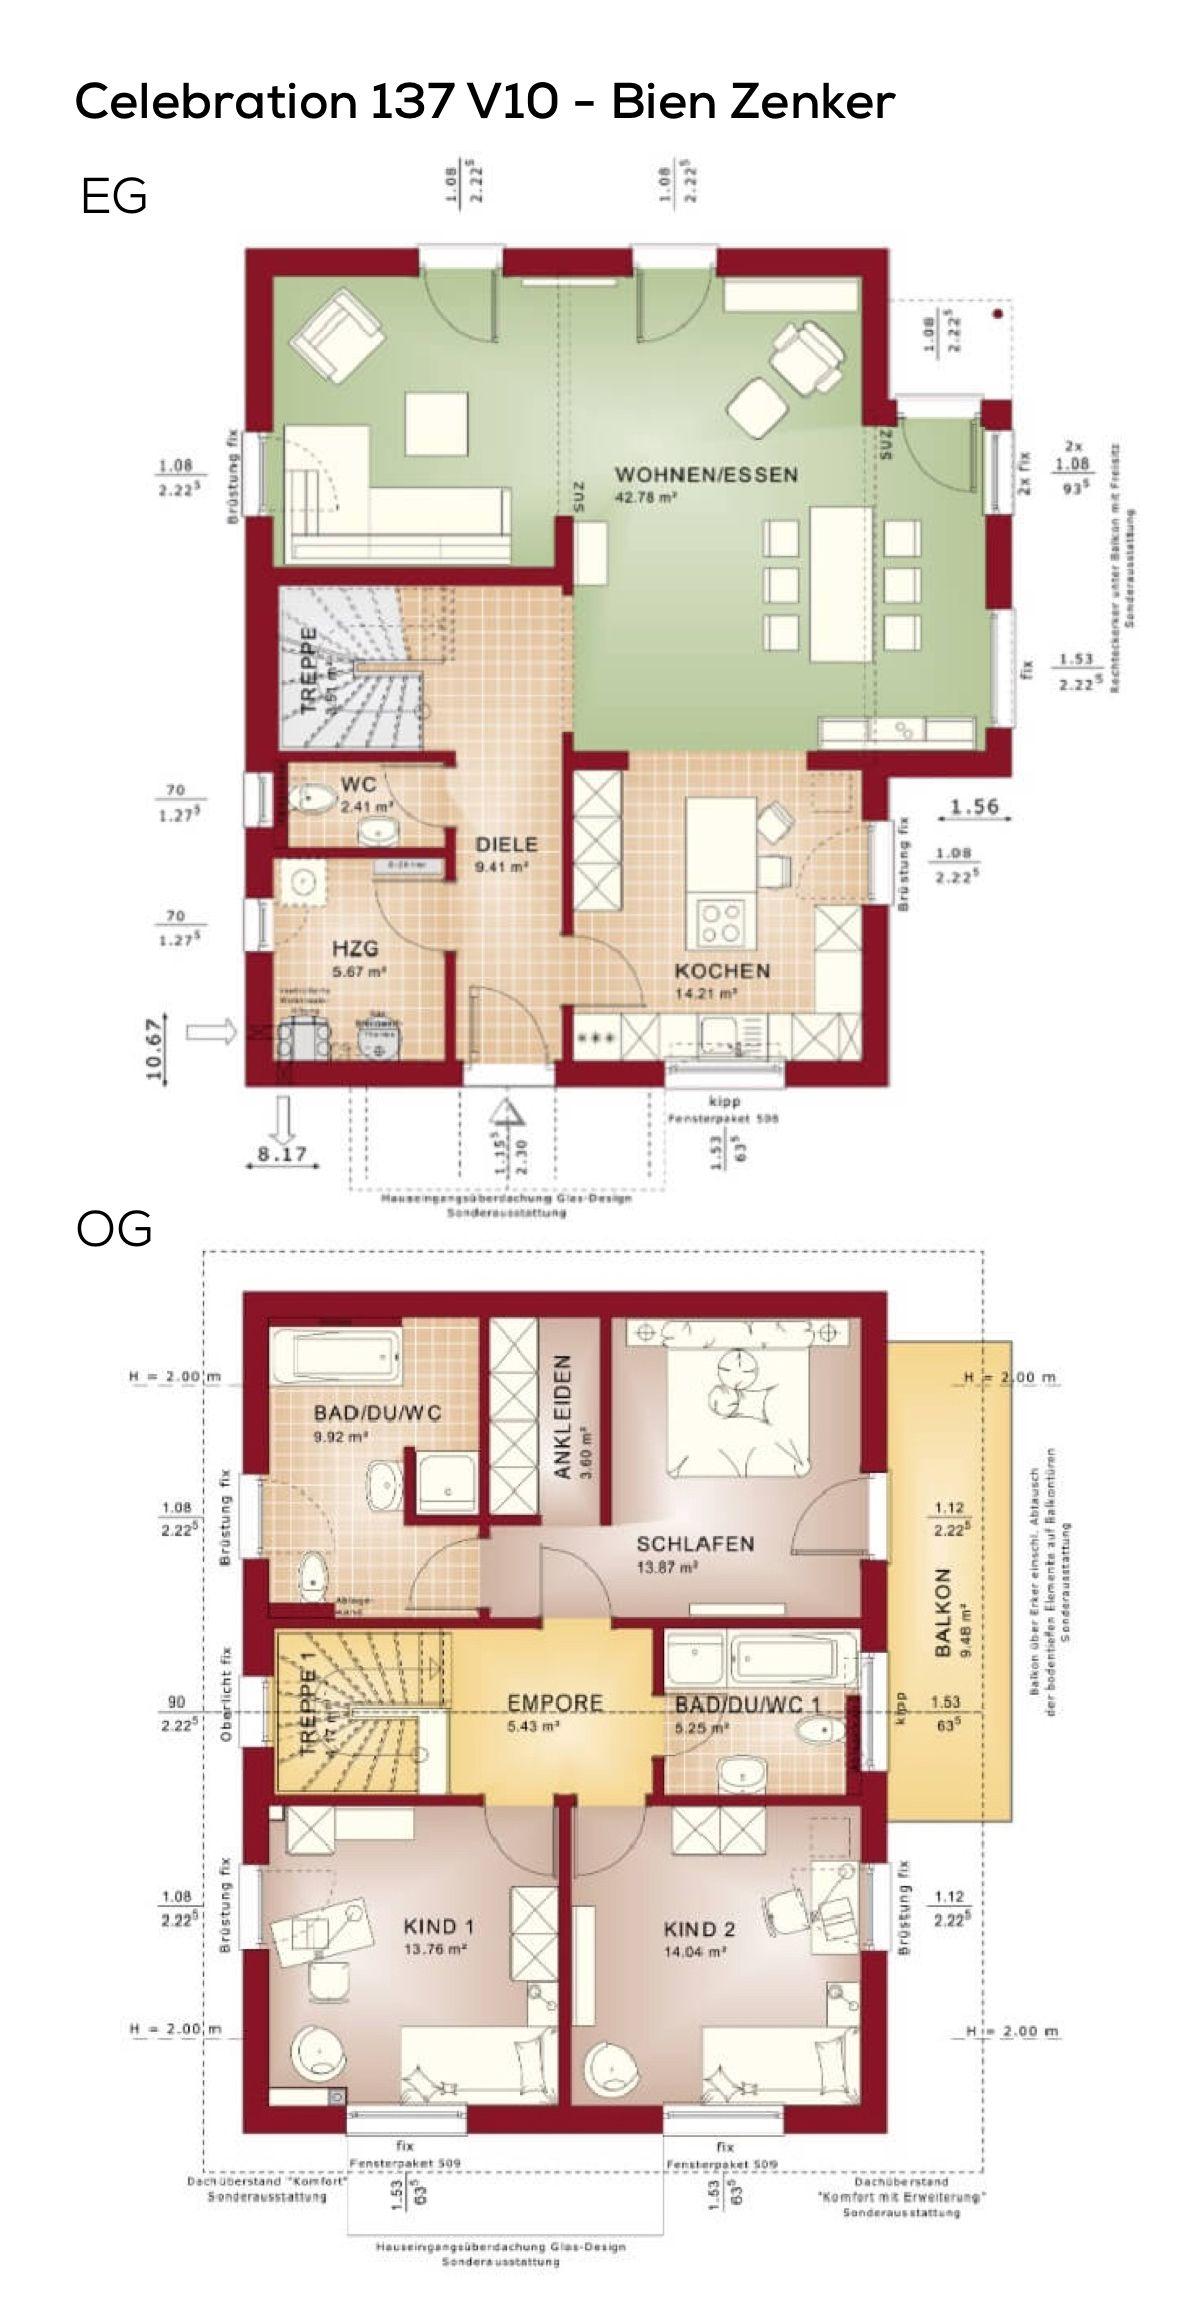 Einfamilienhaus Grundriss Schmal Mit Satteldach Architektur U0026 Wintergarten  Erker   4 Zimmer, 137 Qm Wfl